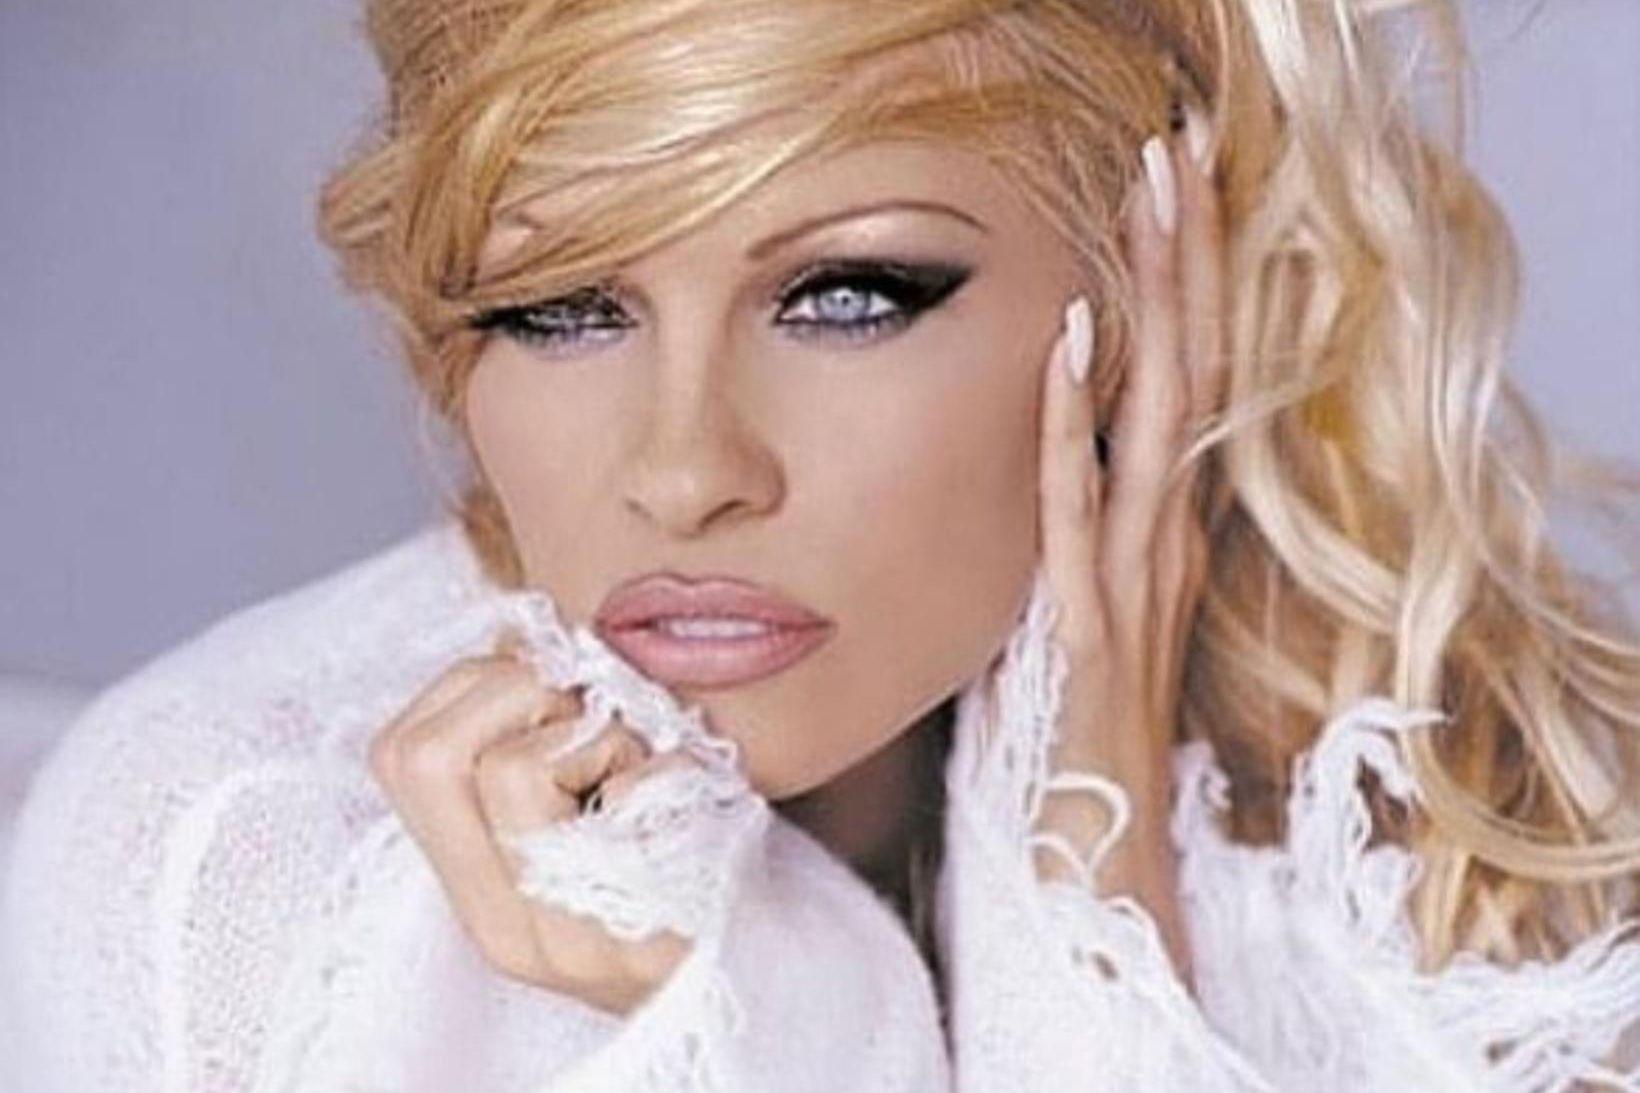 Pamela Anderson segist vita sitthvað um kynlíf og er nú …